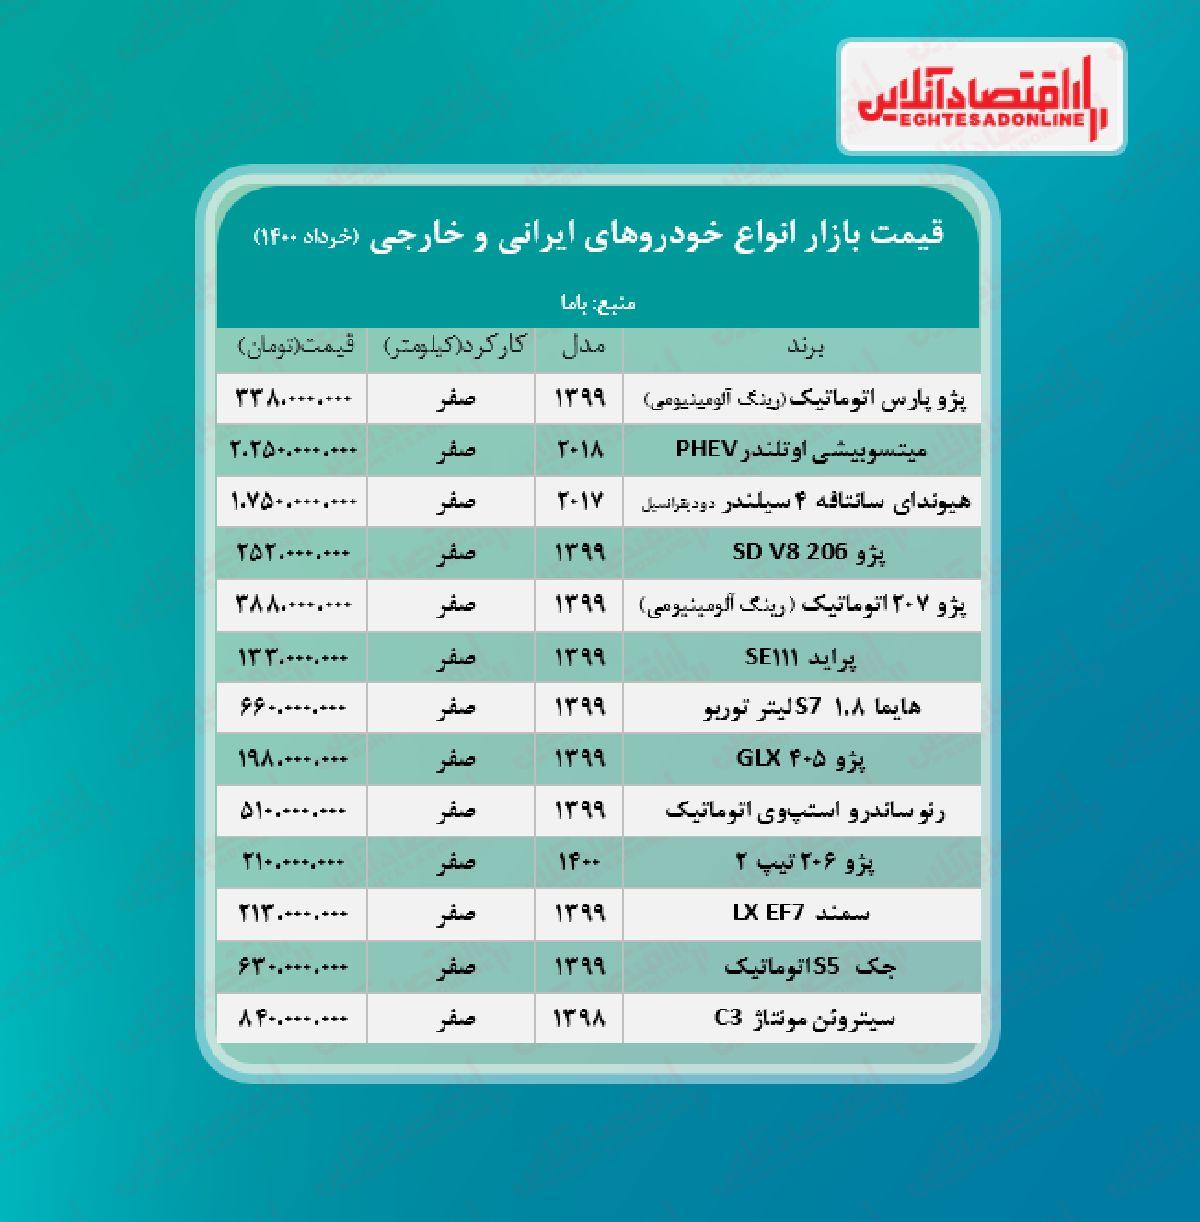 قیمت خودرو امروز ۱۴۰۰/۳/۲۰